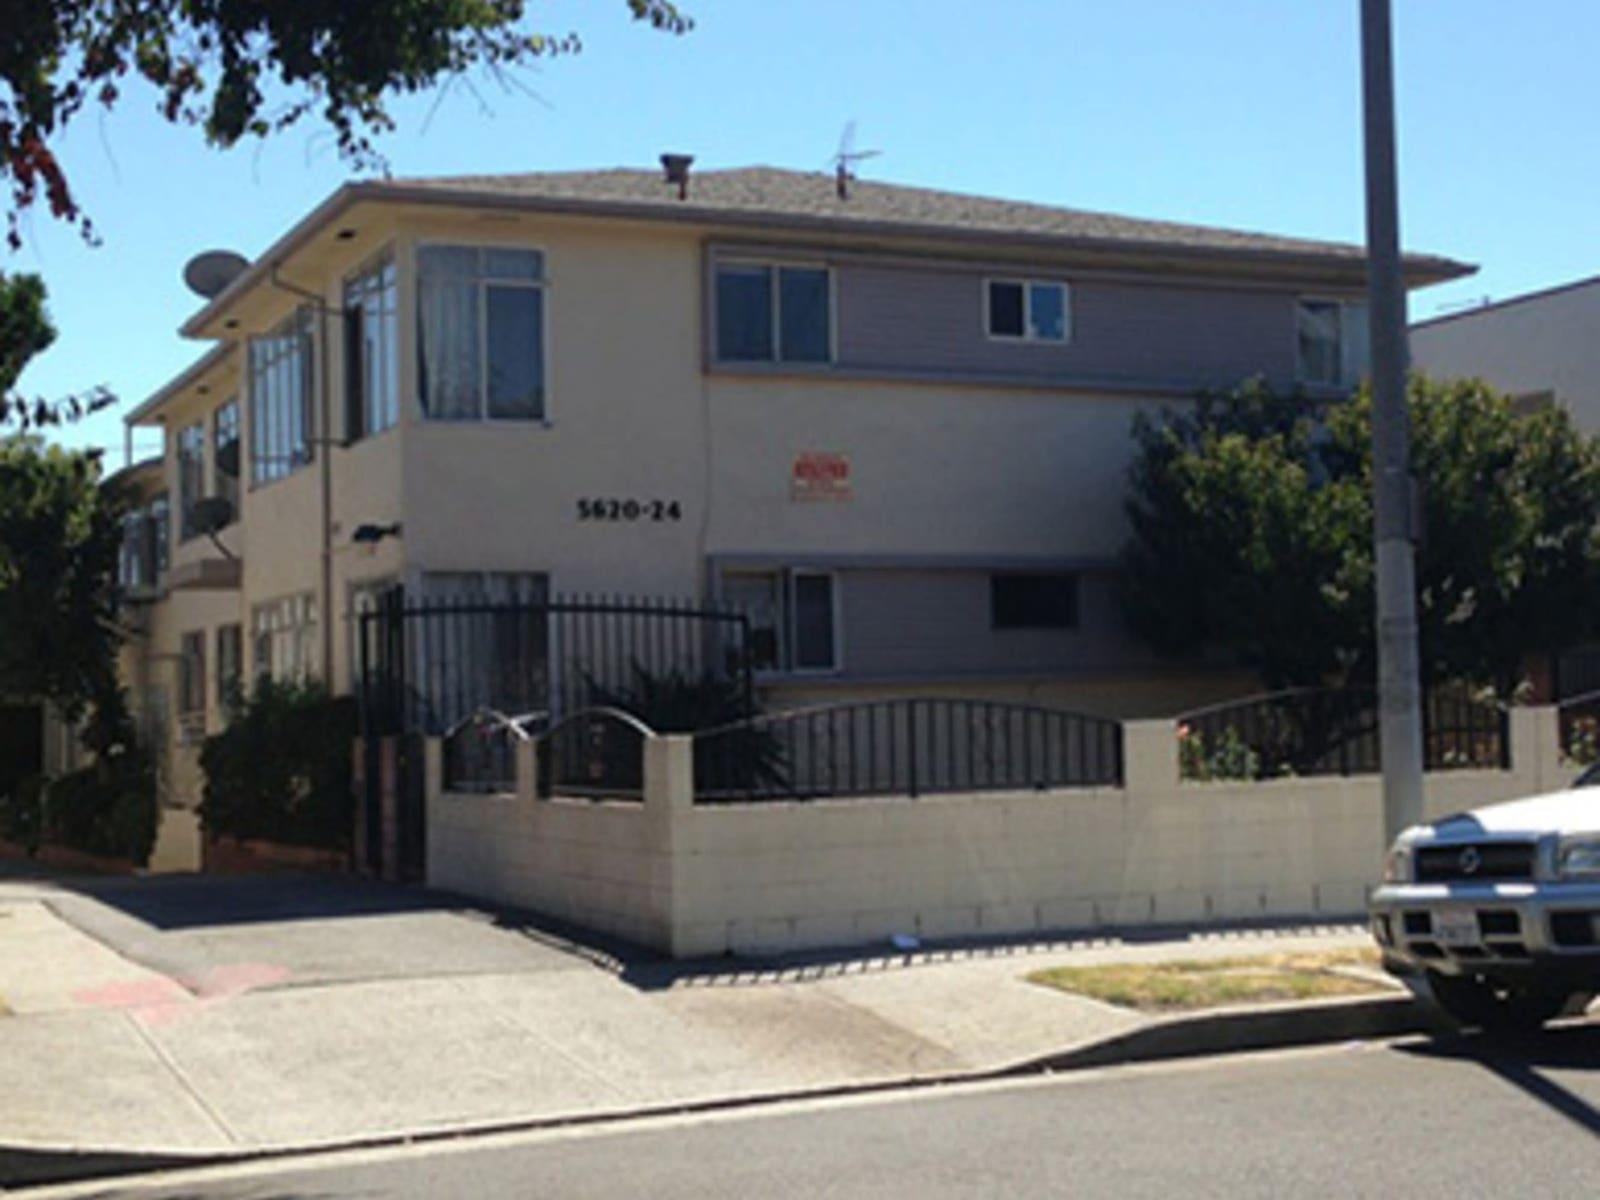 Bela Lugosi's Apartment